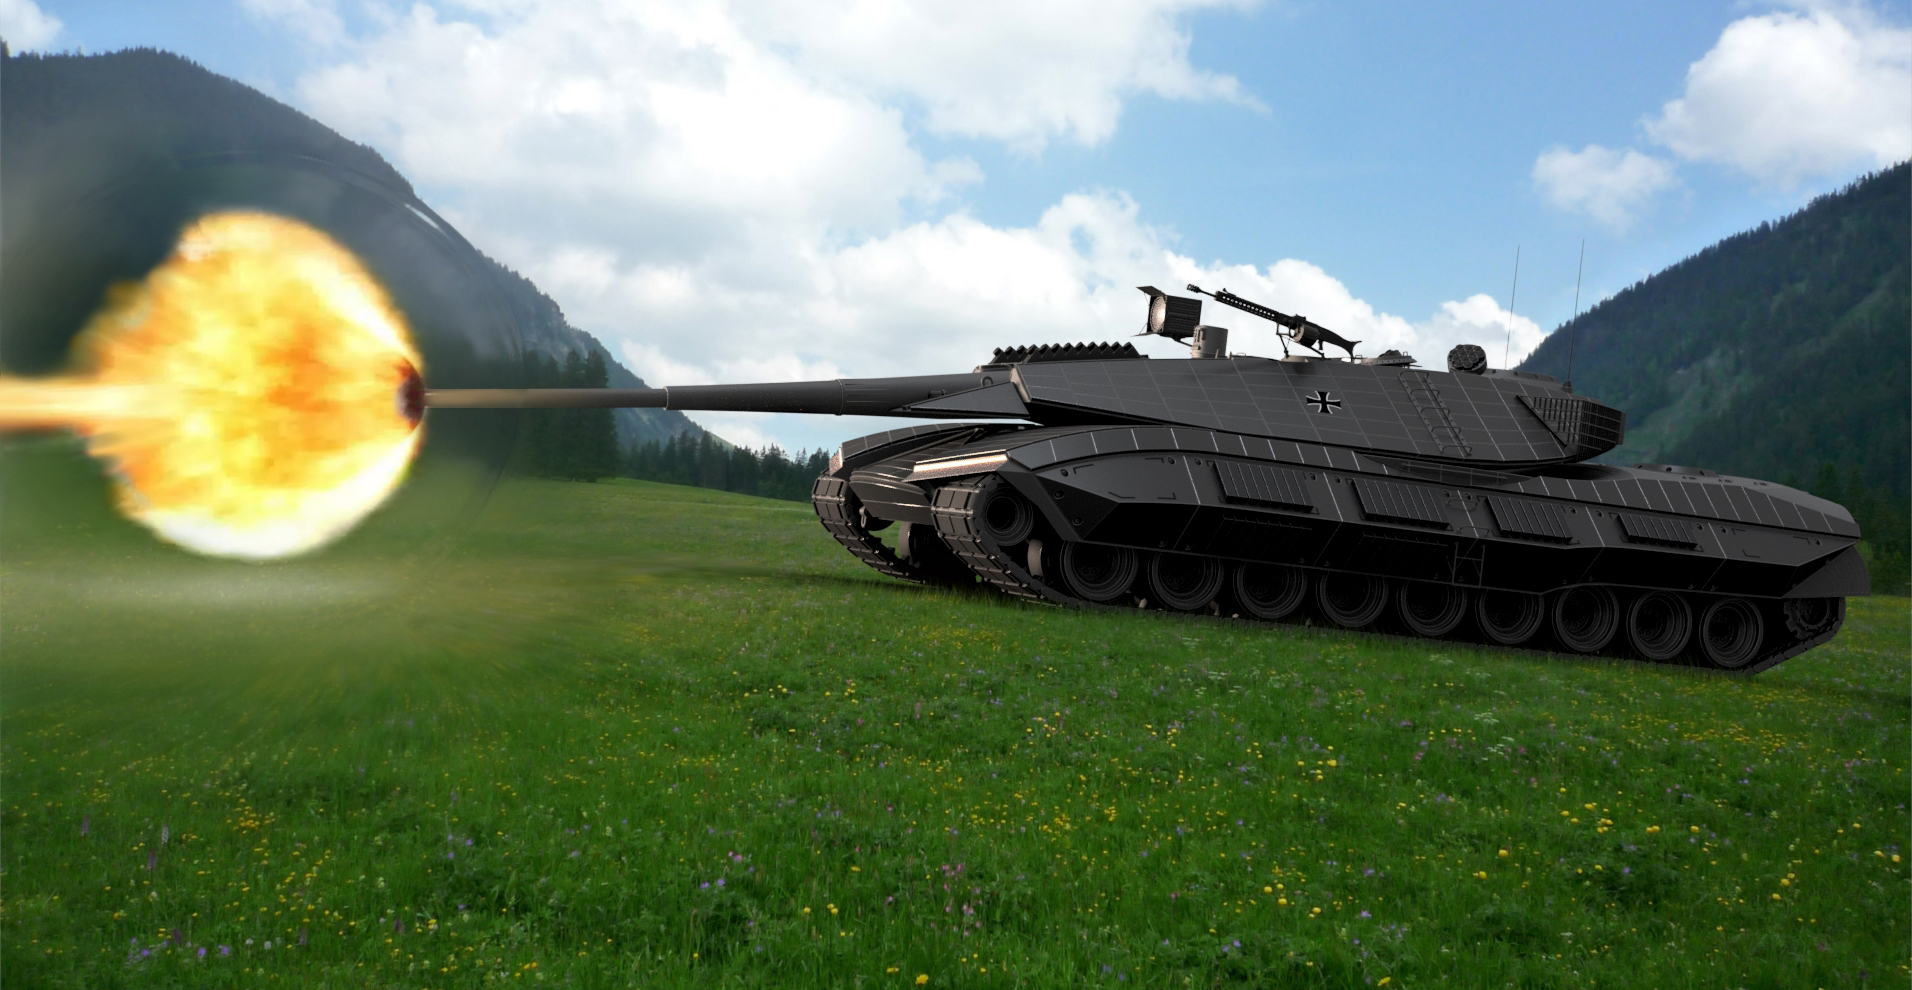 Leopard 3 Python Prototye image - Vasquez_Lichstein - Indie DB